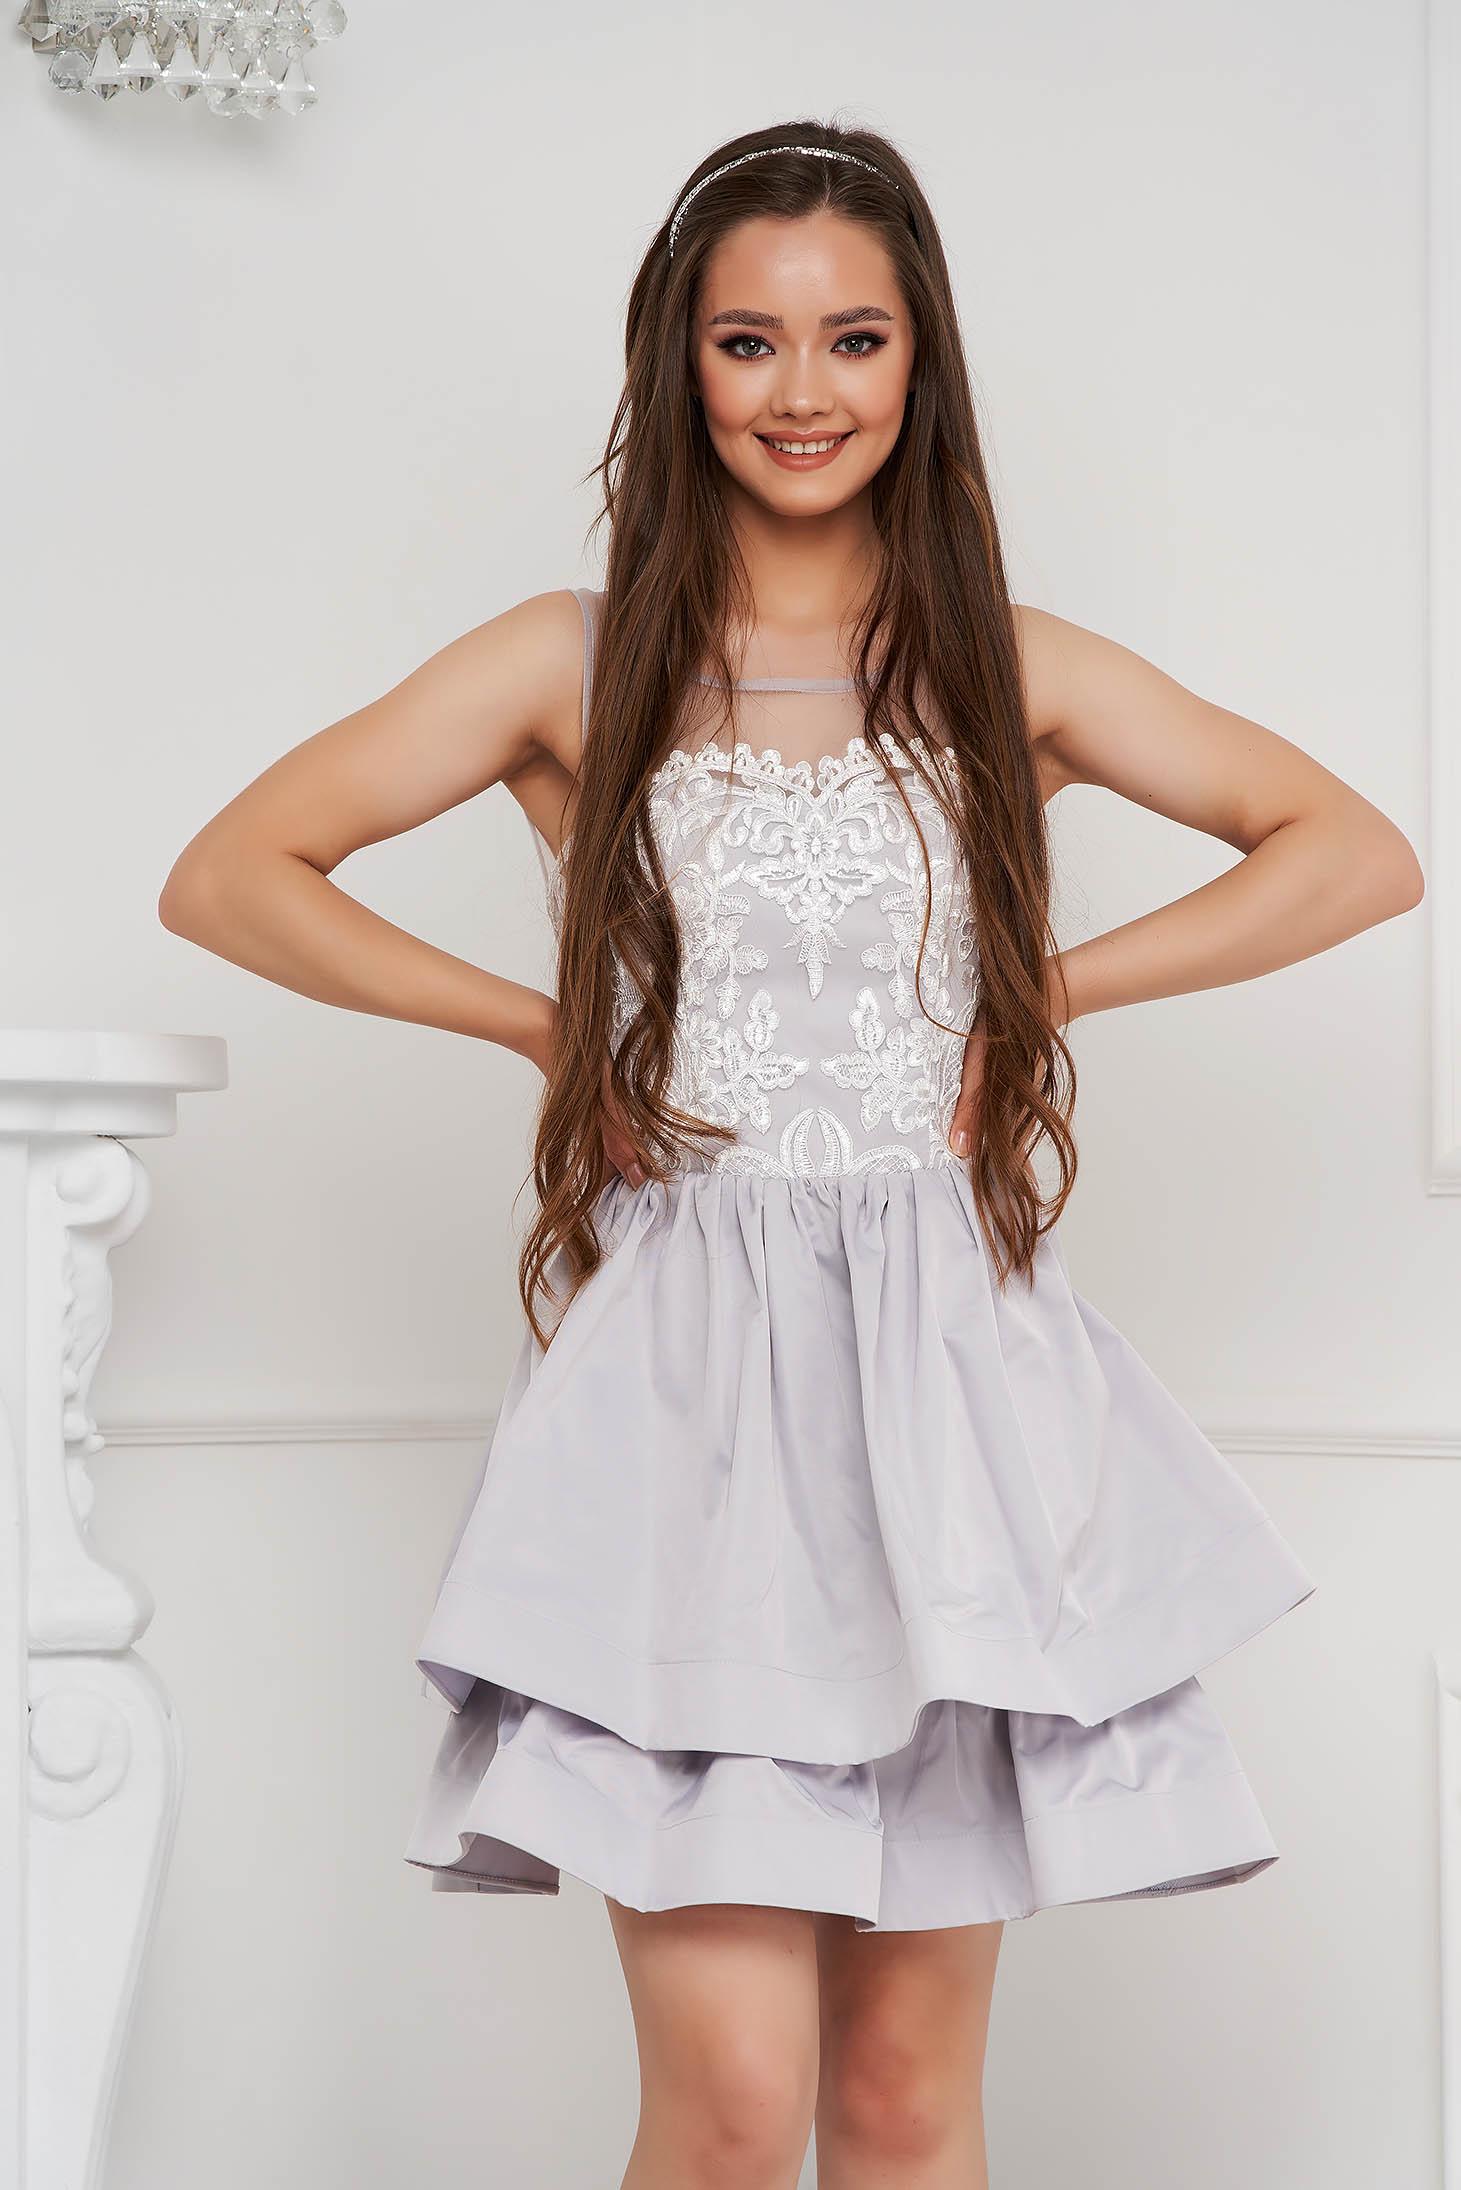 Grey dress short cut cloche from satin fabric texture sleeveless